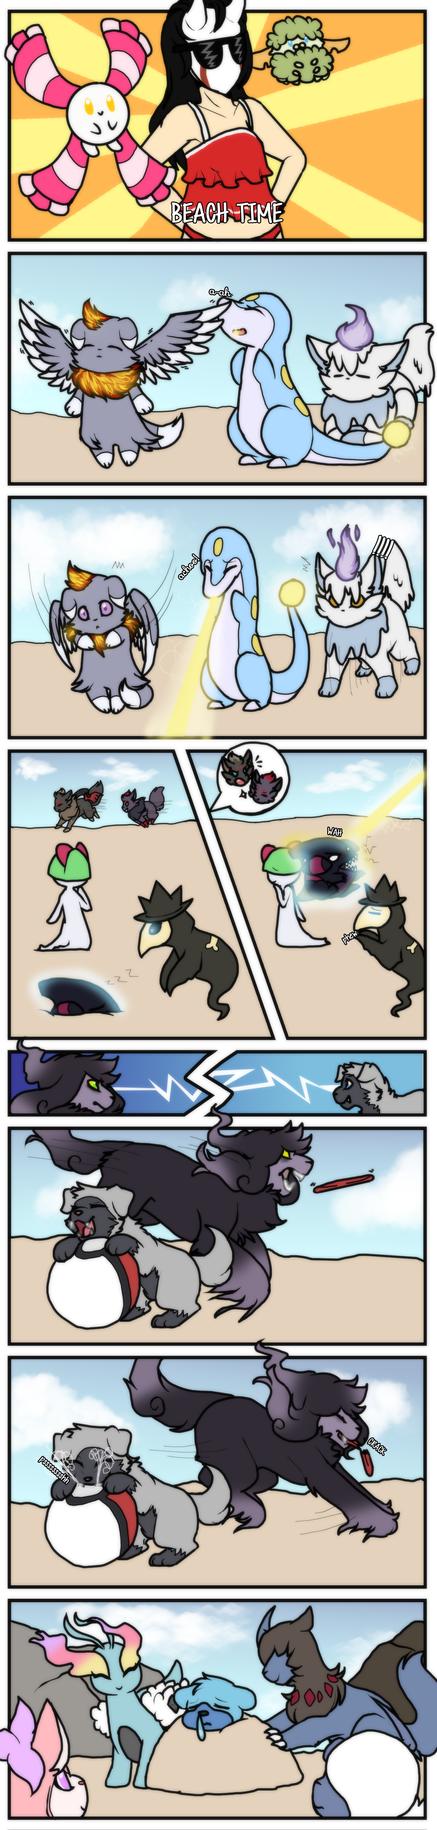 PKMN|Event| June: Beach Party by DevilsRealm